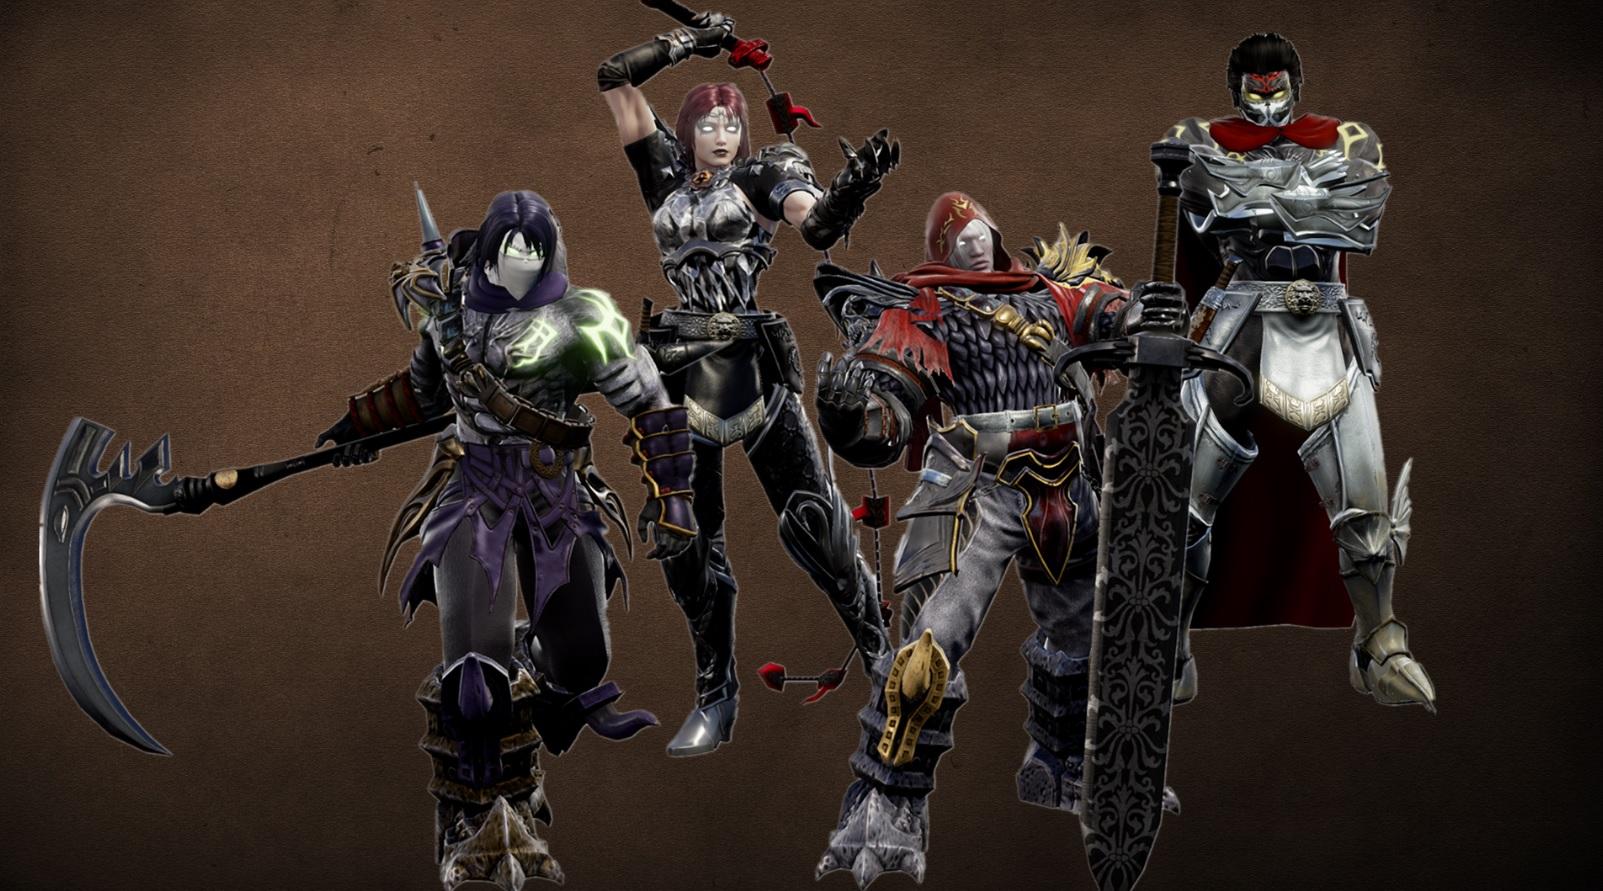 Someone made Darksiders' Four Horsemen in Soulcalibur VI screenshot